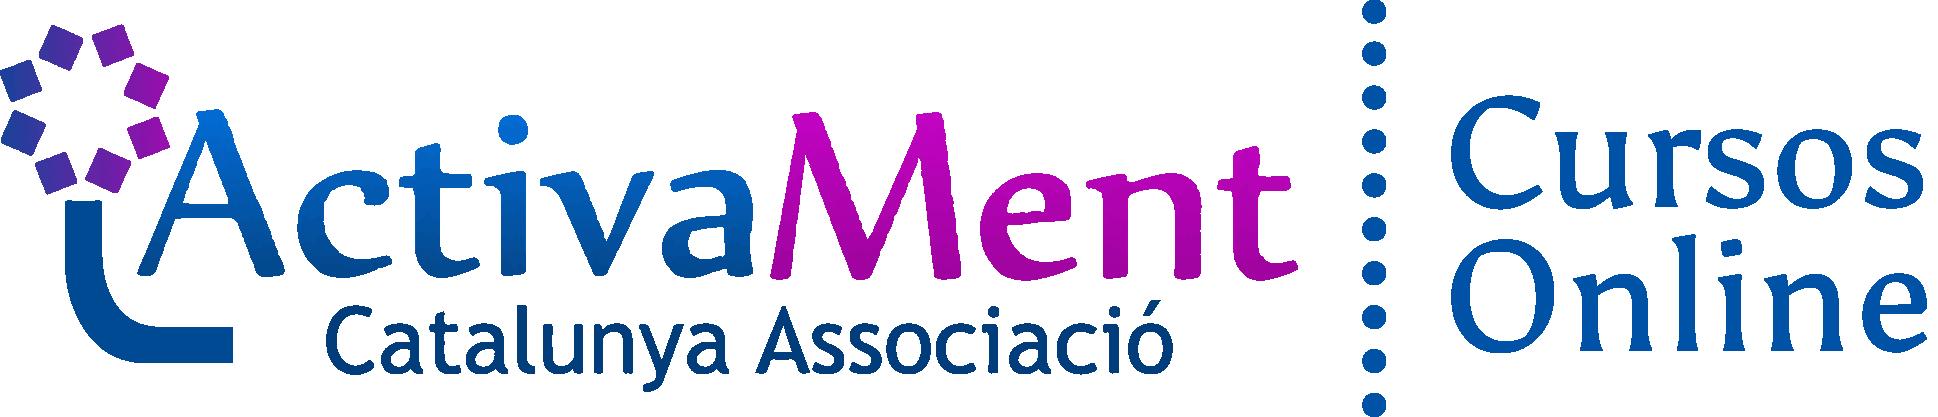 ActivaMent – Cursos Online Logo